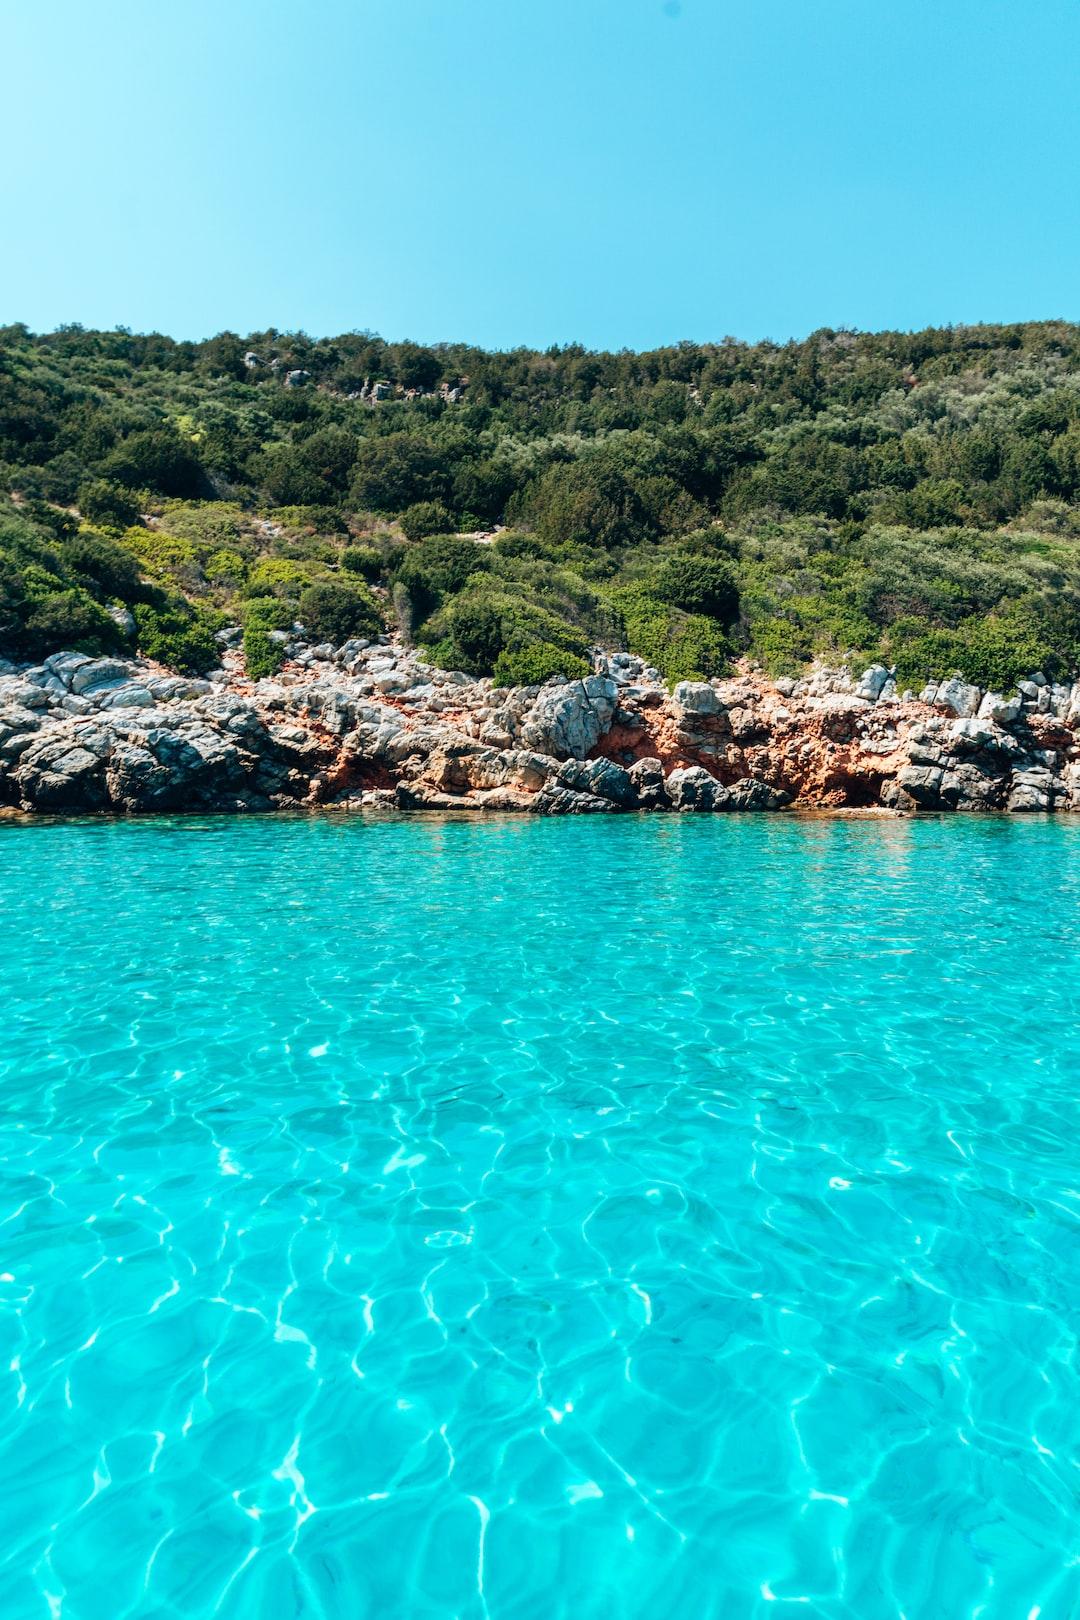 Shots from a boat trip to Orak Island Bay near Bodrum, Turkey. The Aegean Sea / Mediterranean